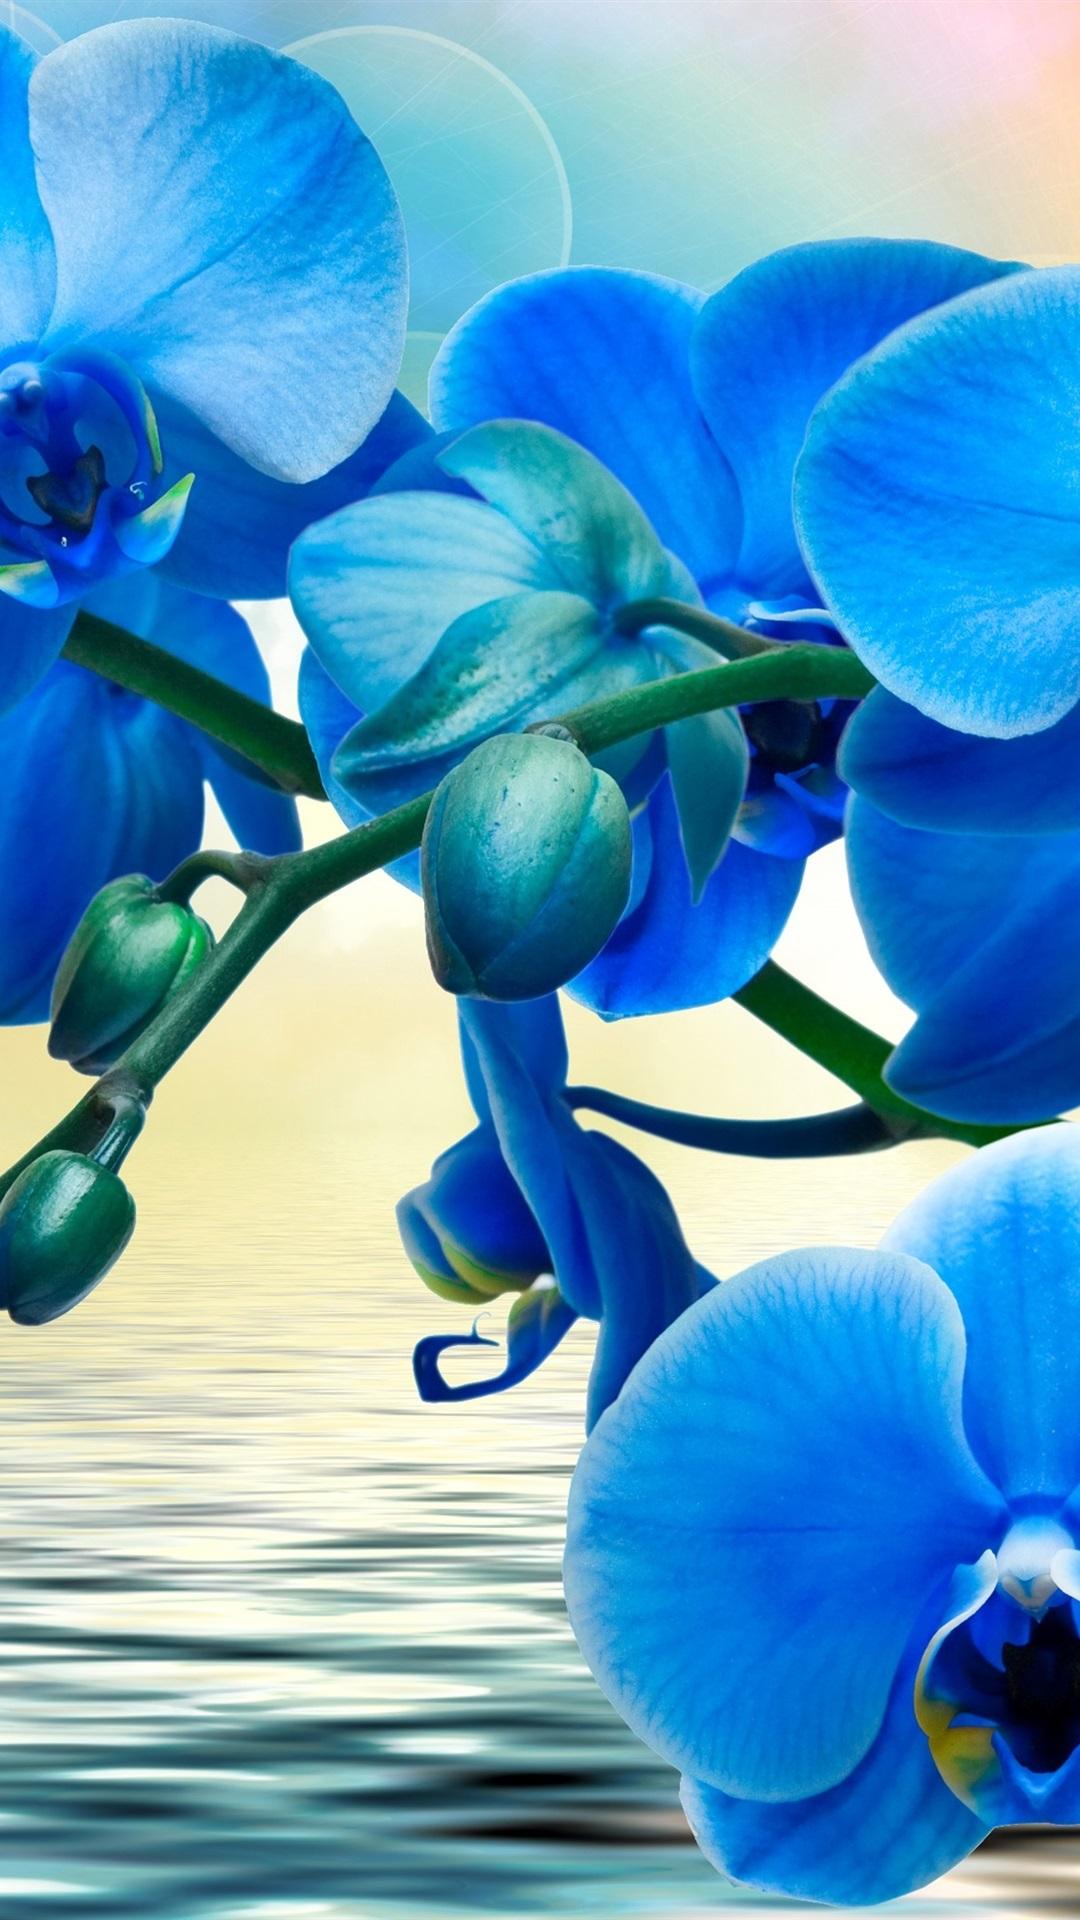 Orquideas Flores Azules Phalaenopsis Agua 1080x1920 Iphone 8 7 6